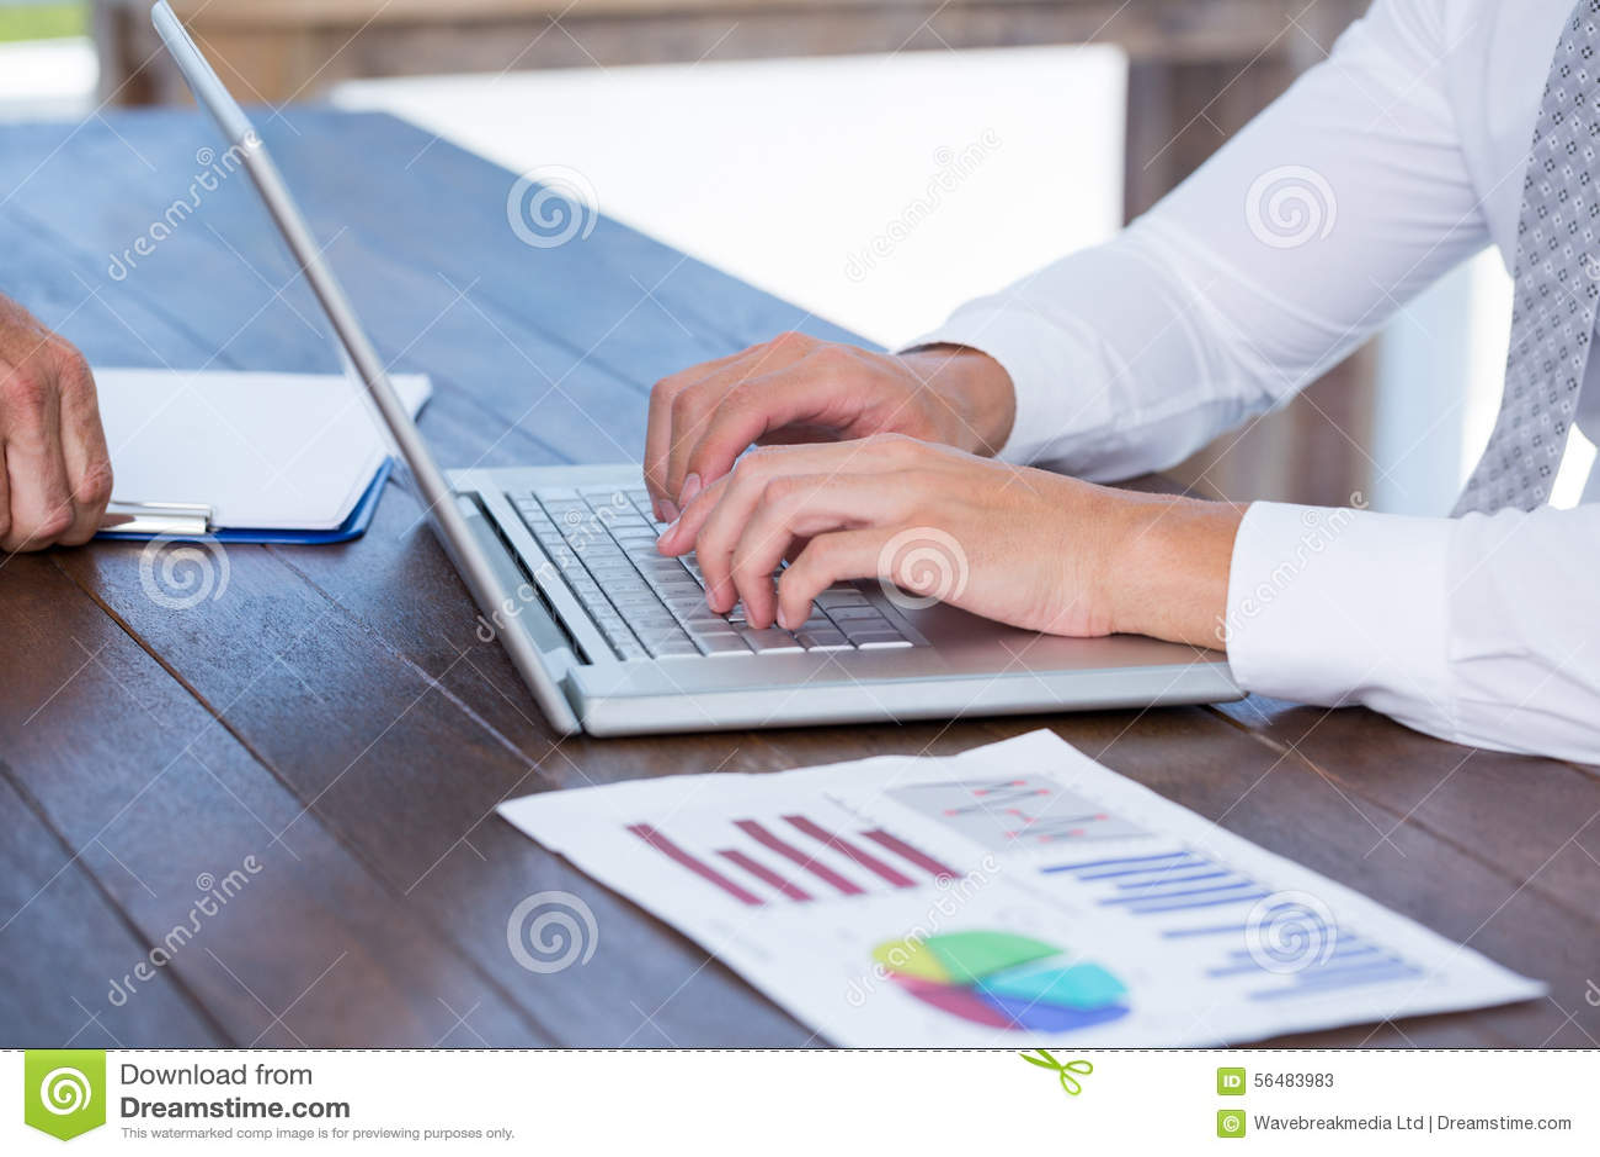 Fermez-vous vers le haut de la vue de l homme dactylographiant sur son ordinateur portable